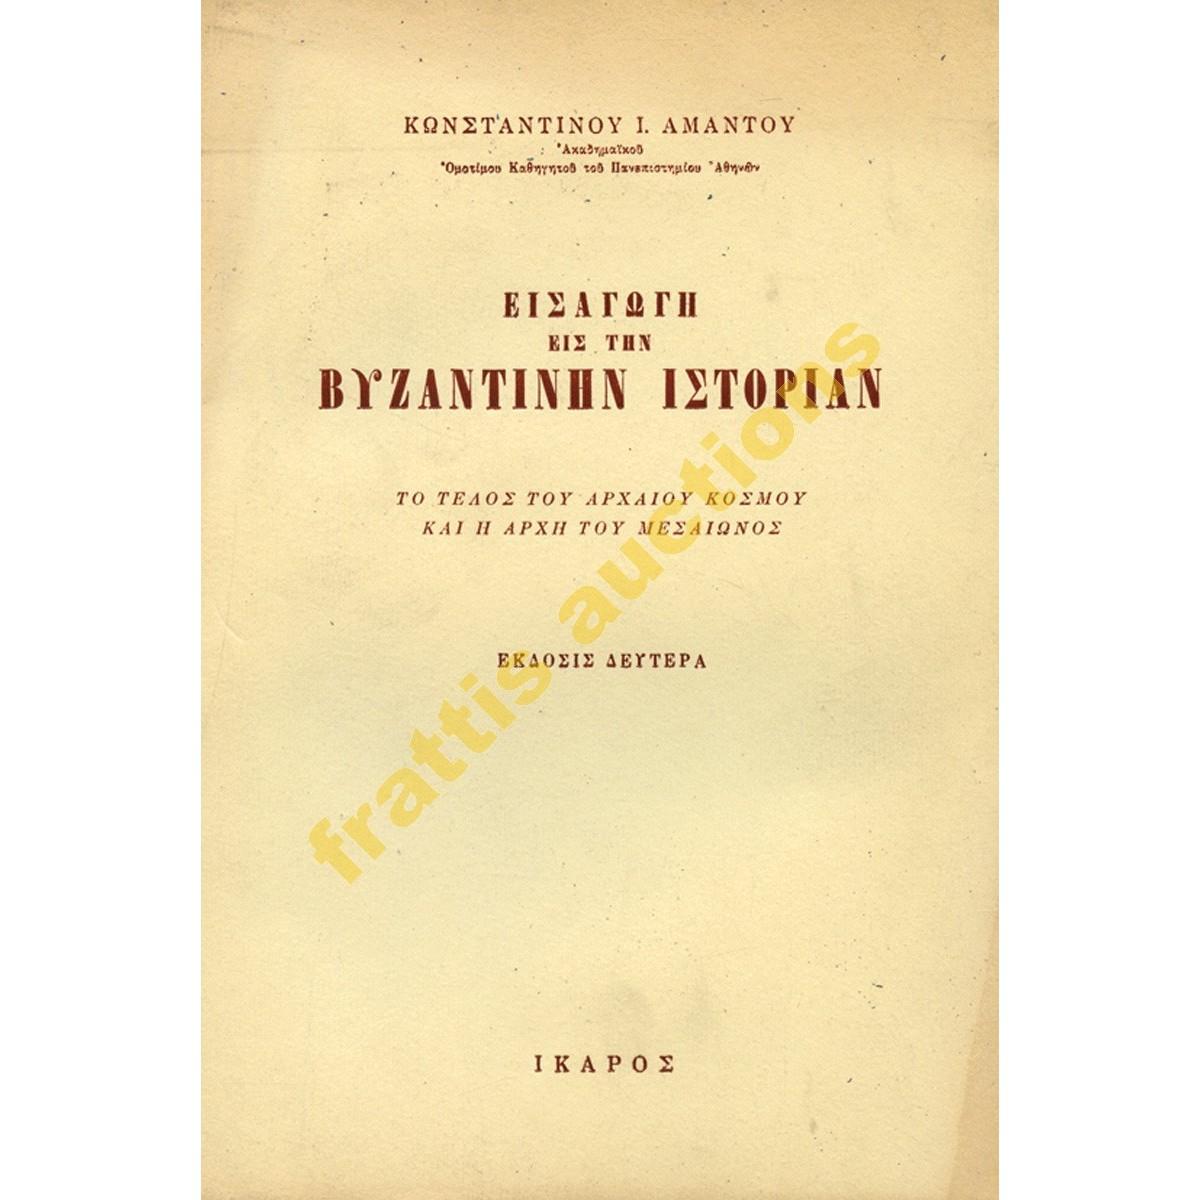 ΑΜΑΝΤΟΣ Ι. ΚΩΝΣΤΑΝΤΙΝΟΣ